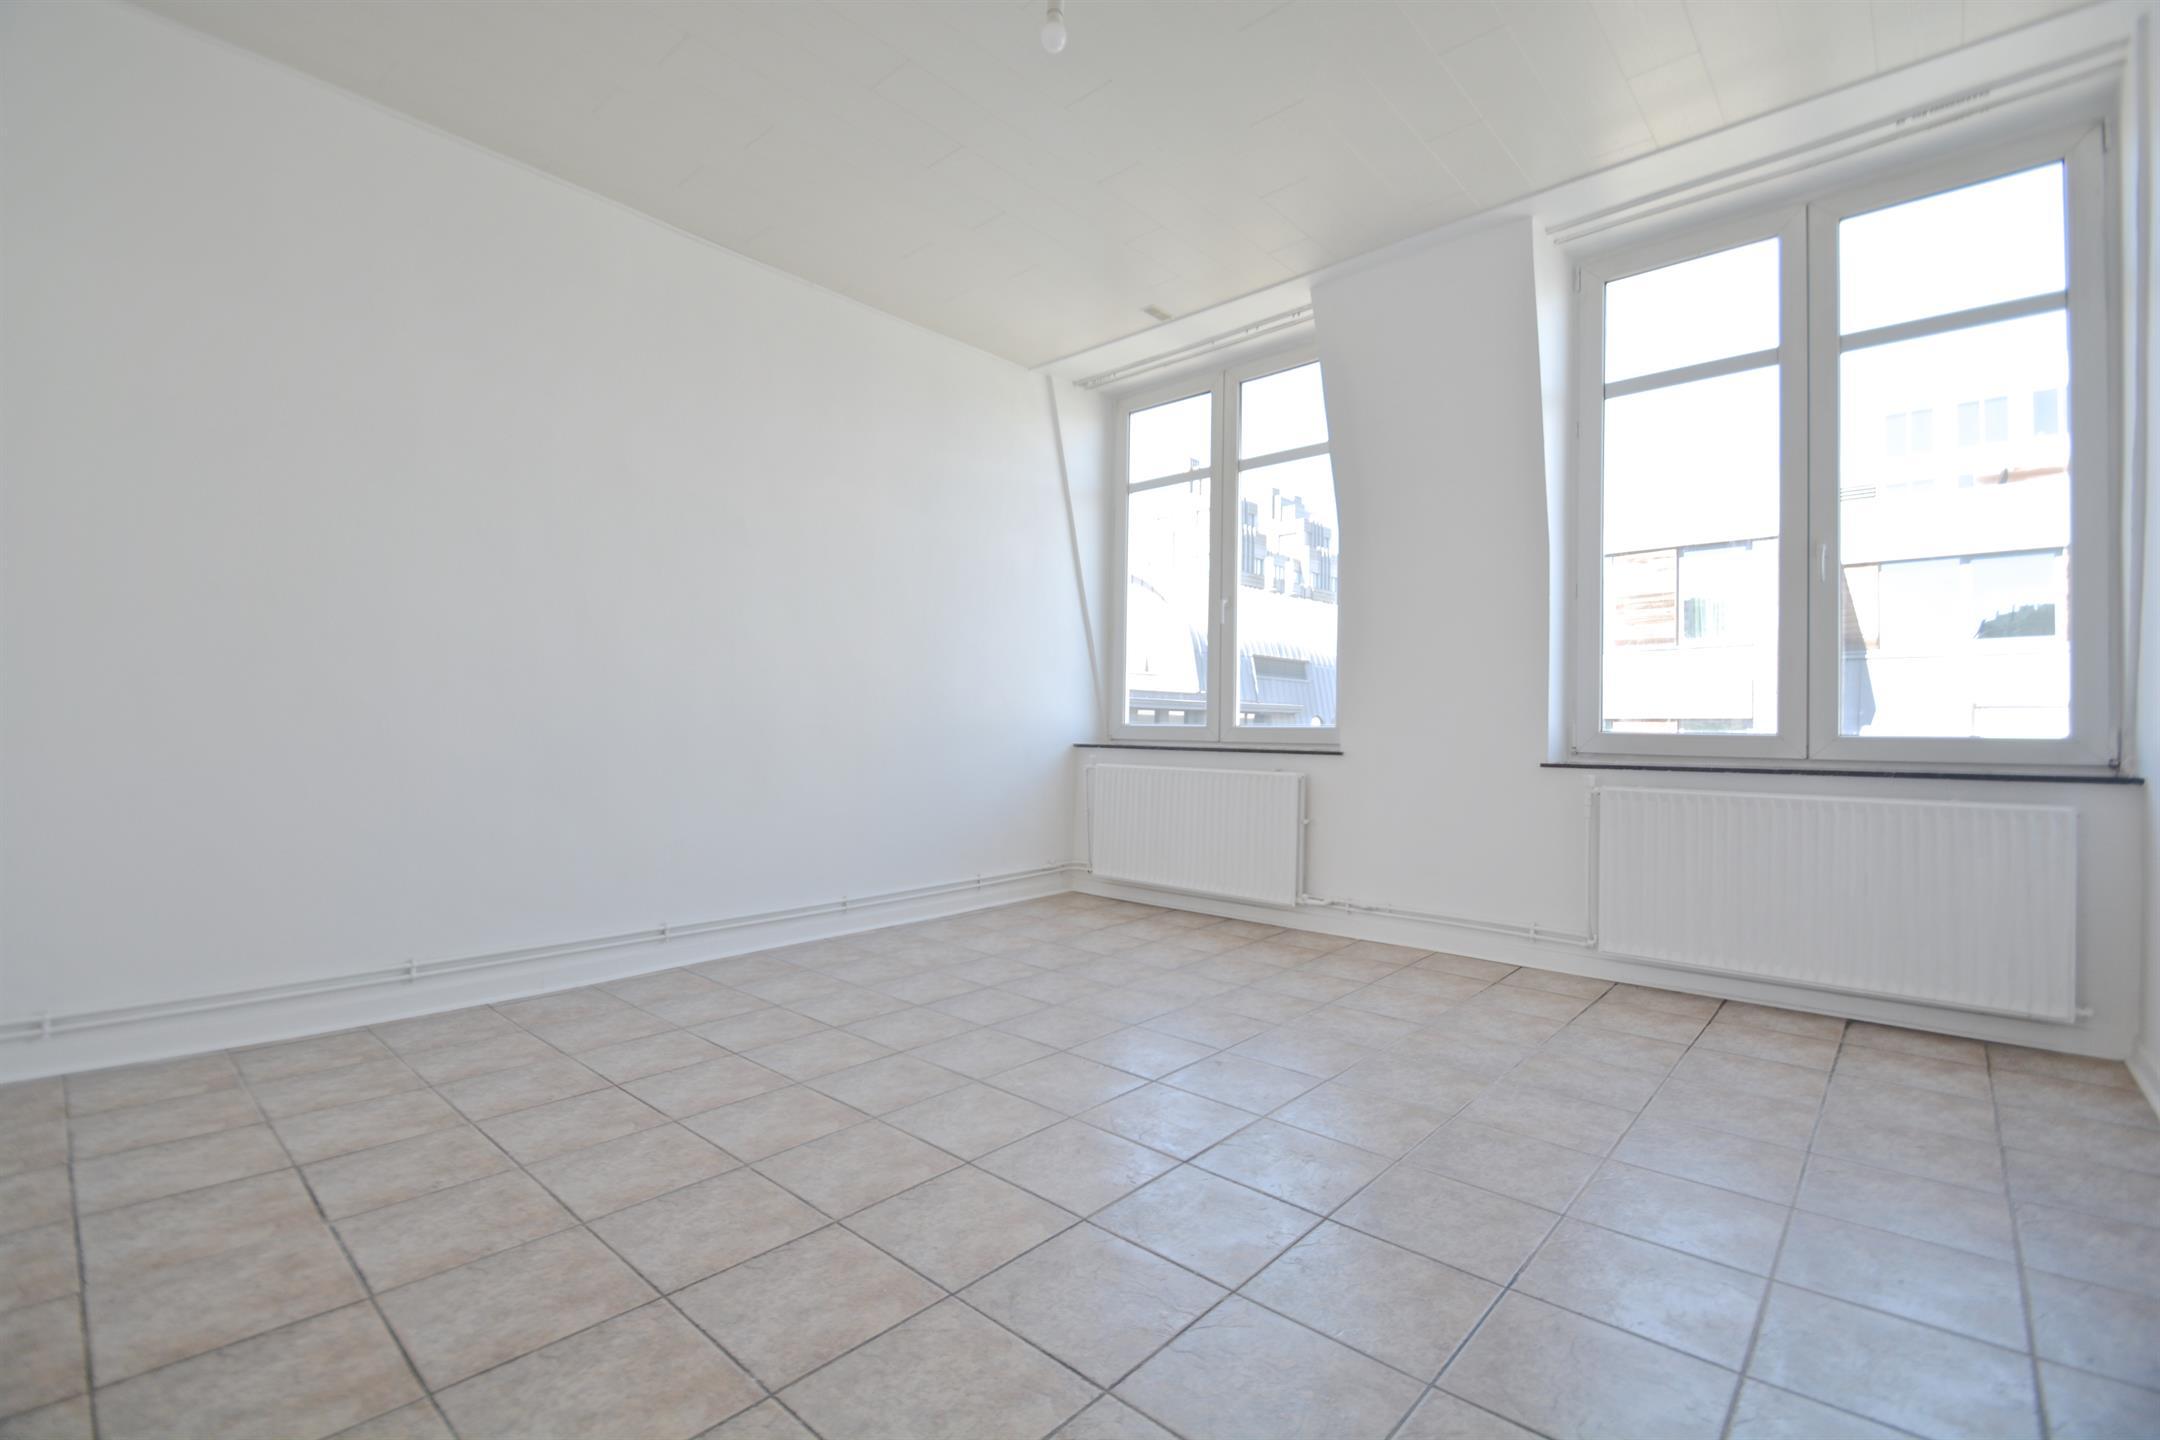 Appartement - Saint-Gilles - #4118613-2